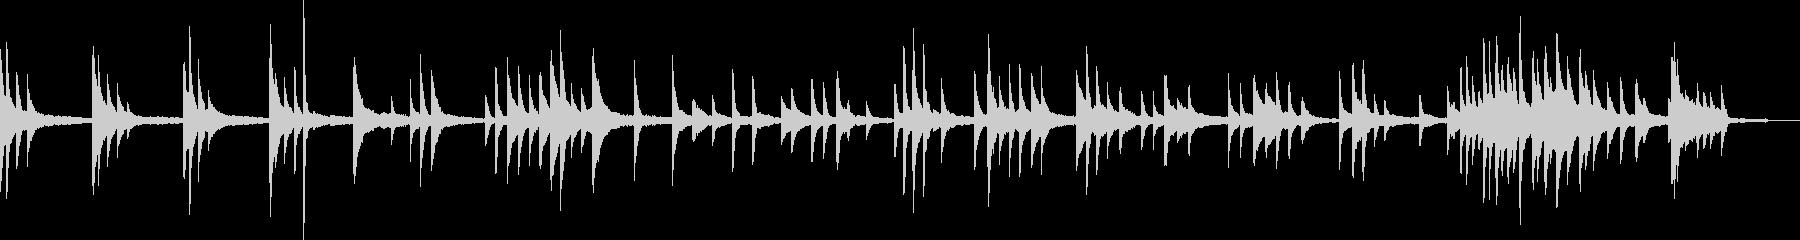 つま弾く感じのピアノソロ(ハッとする)の未再生の波形